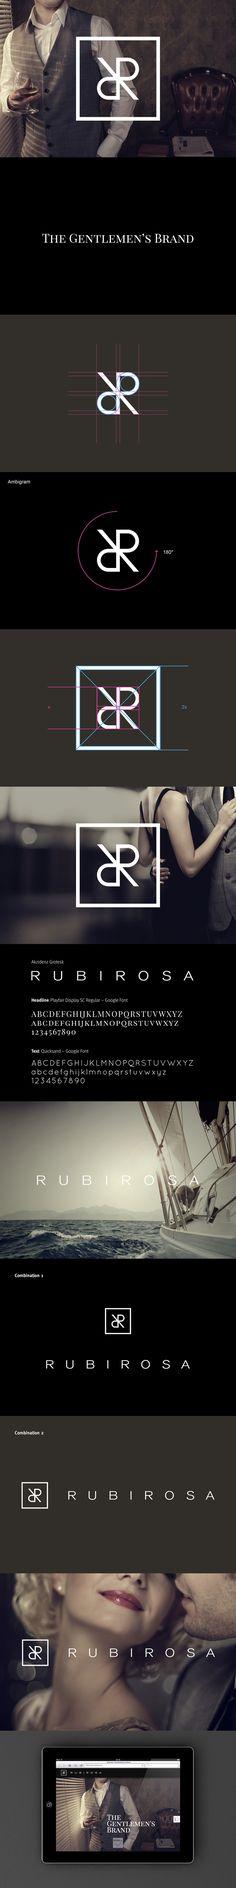 Rubirosa // Branding + Website by Adicto Multichannel Agency, via Behance